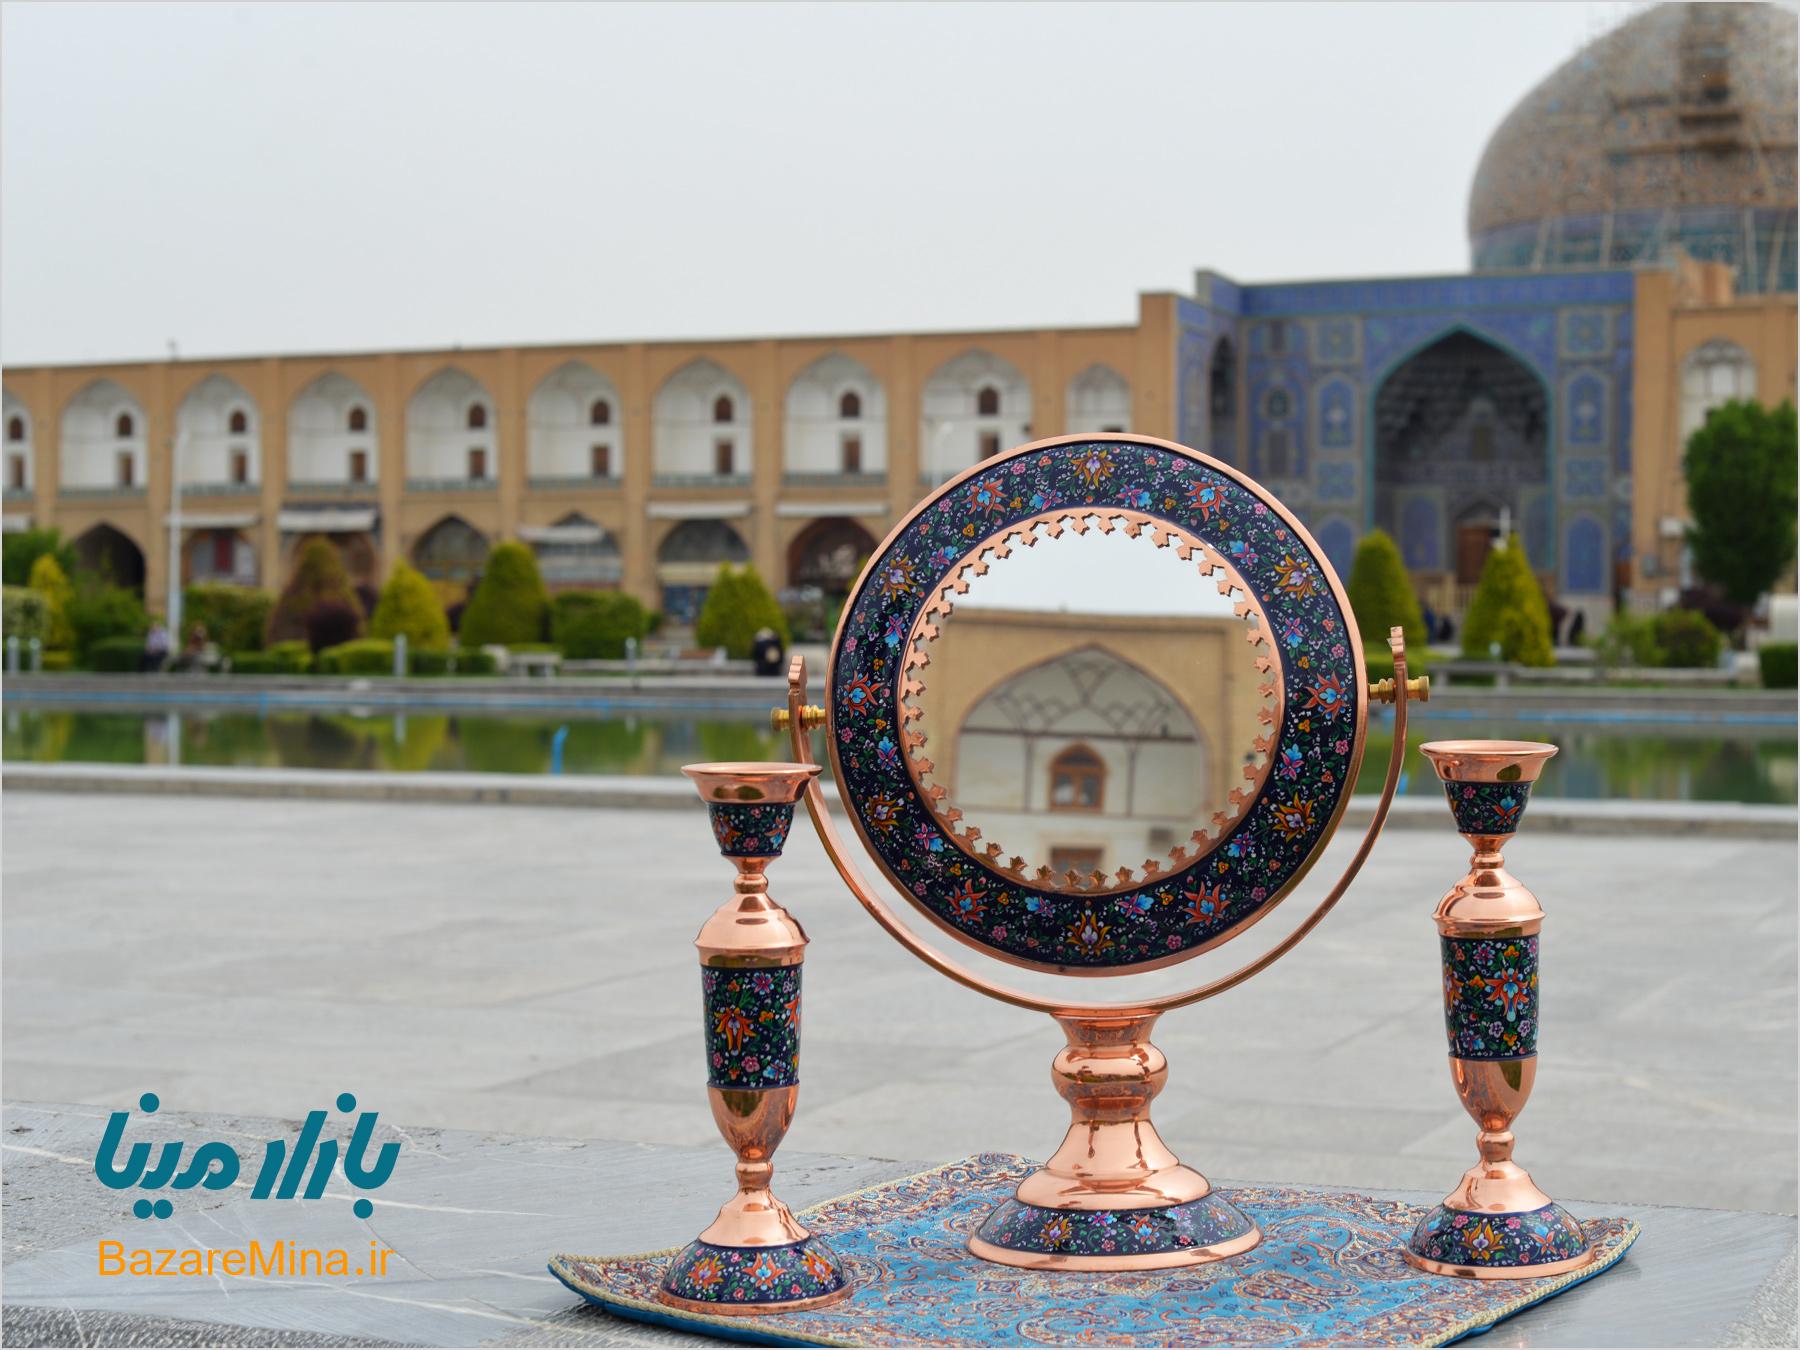 هنر لوکس مس و پرداز اصفهان